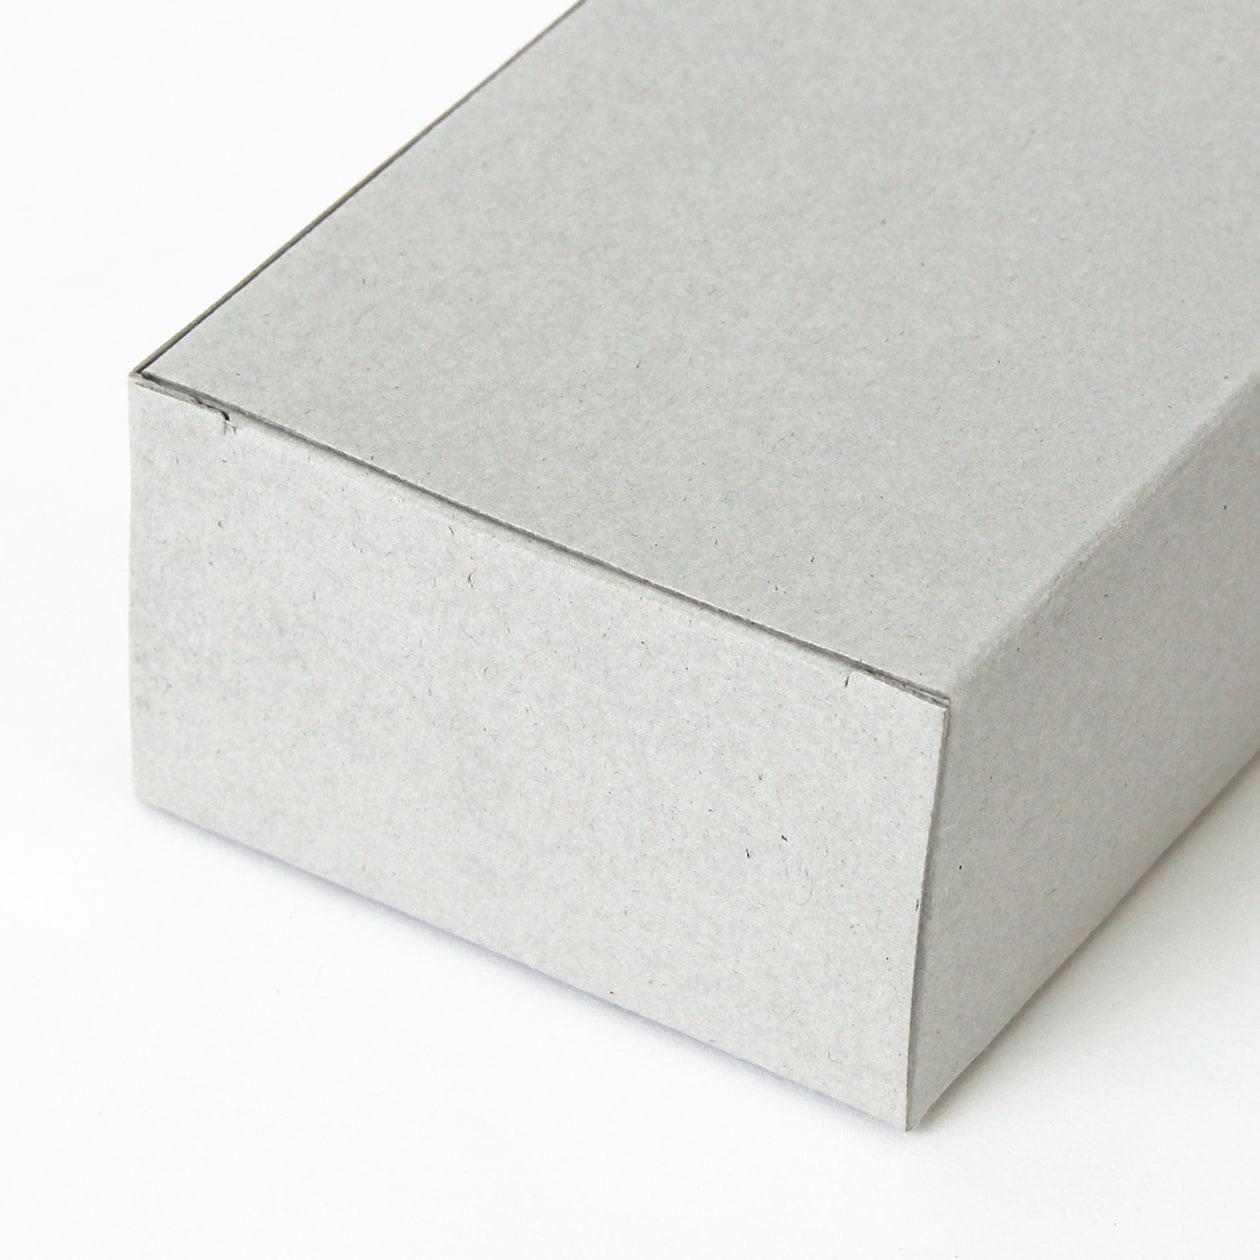 キャラメル箱60×35×95 ボード紙 グレー 270g